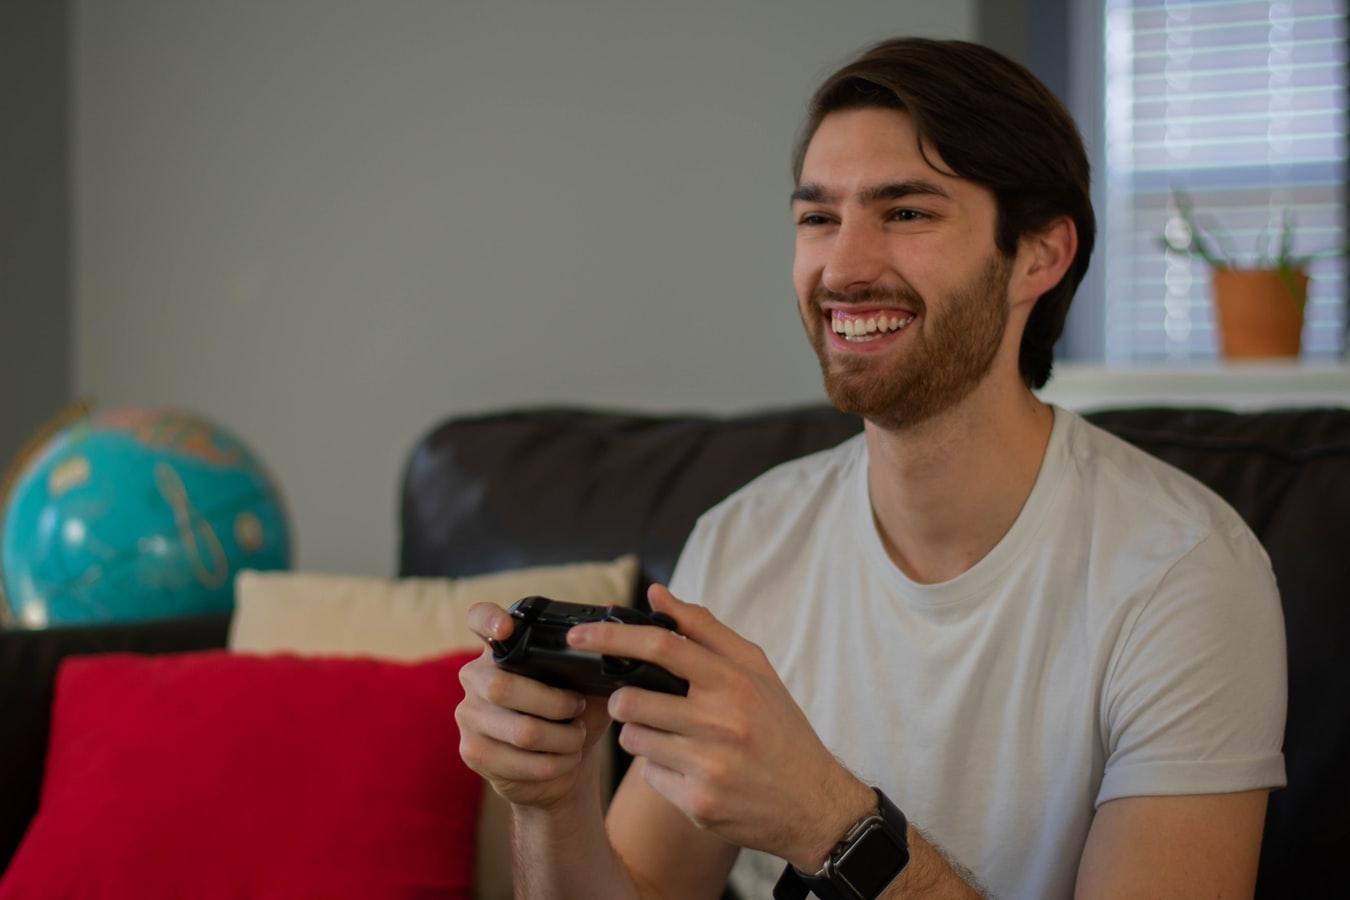 """Πανεπιστήμιο Οξφόρδης: """"Τα βιντεοπαιχνίδια μπορούν να ωφελήσουν την ψυχική υγεία"""""""